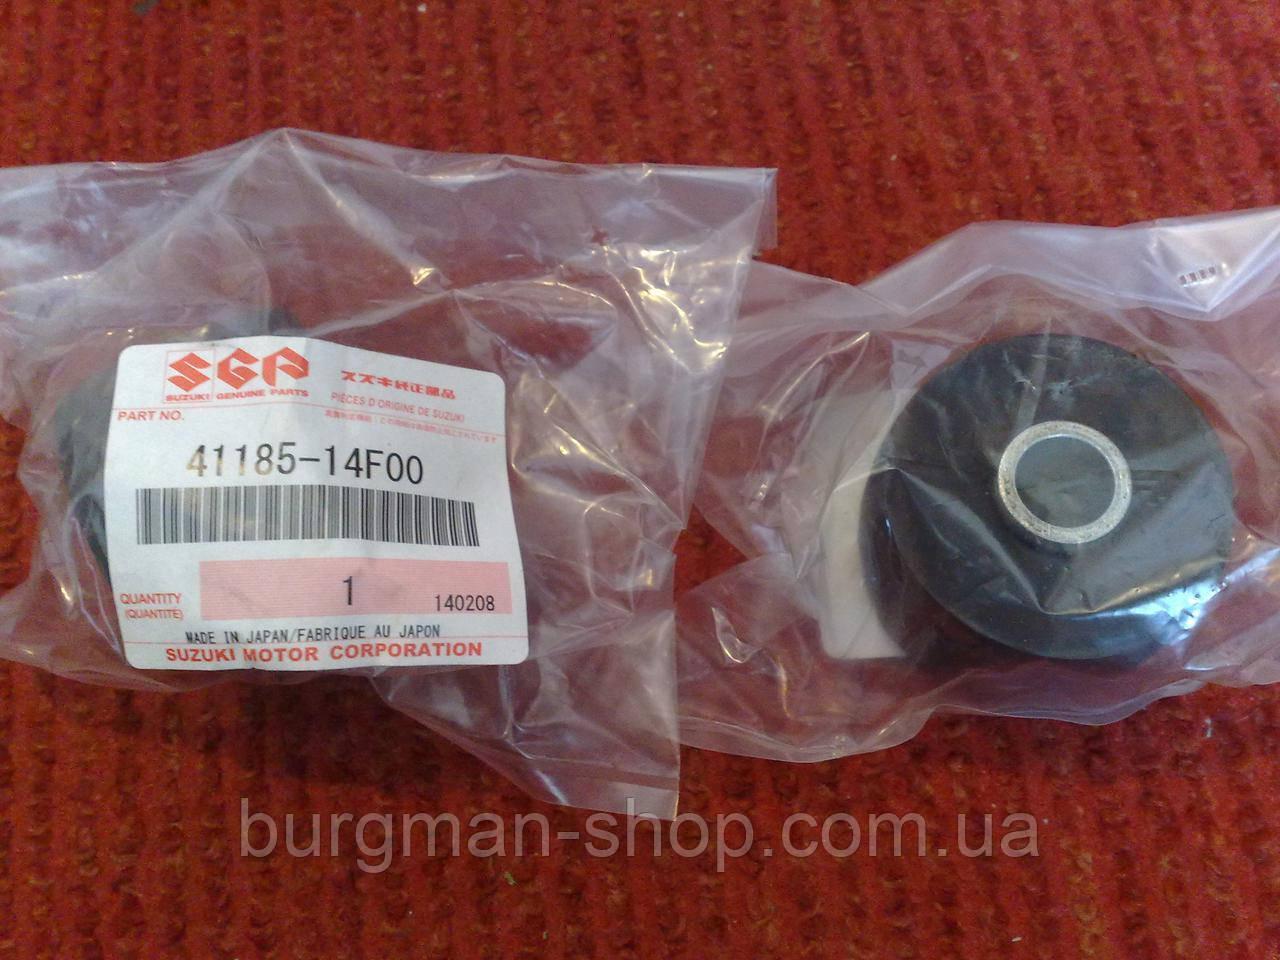 Демпфер 98-12 Suzuki Burgman SkyWave 41185-14F00